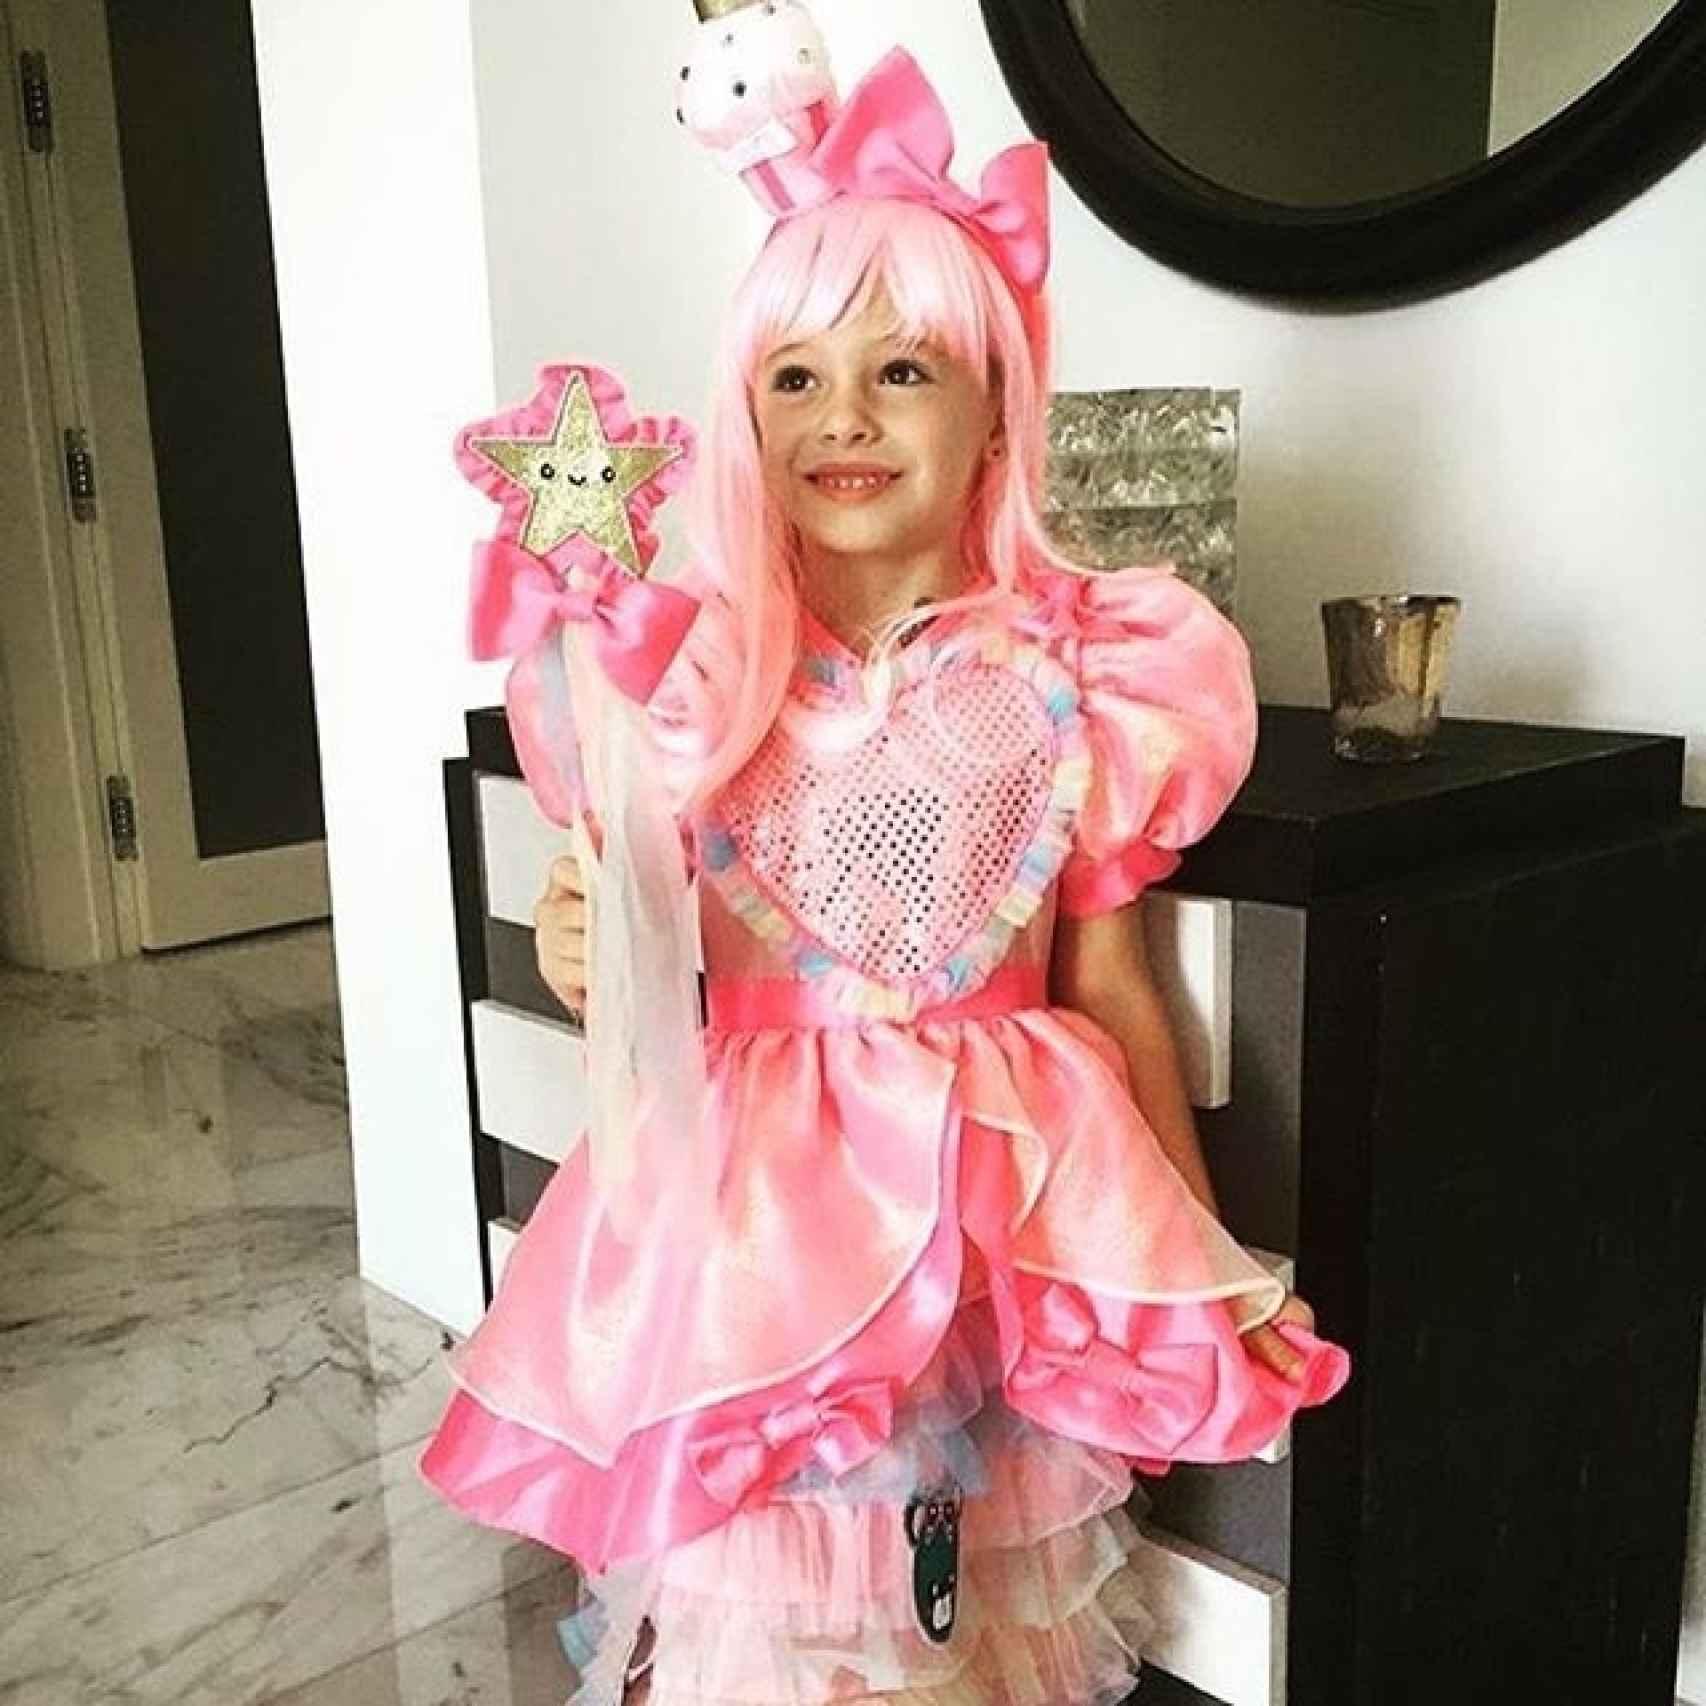 Stella Stefani, la hija de Gwen Stefani, igual de cantosa que su madre